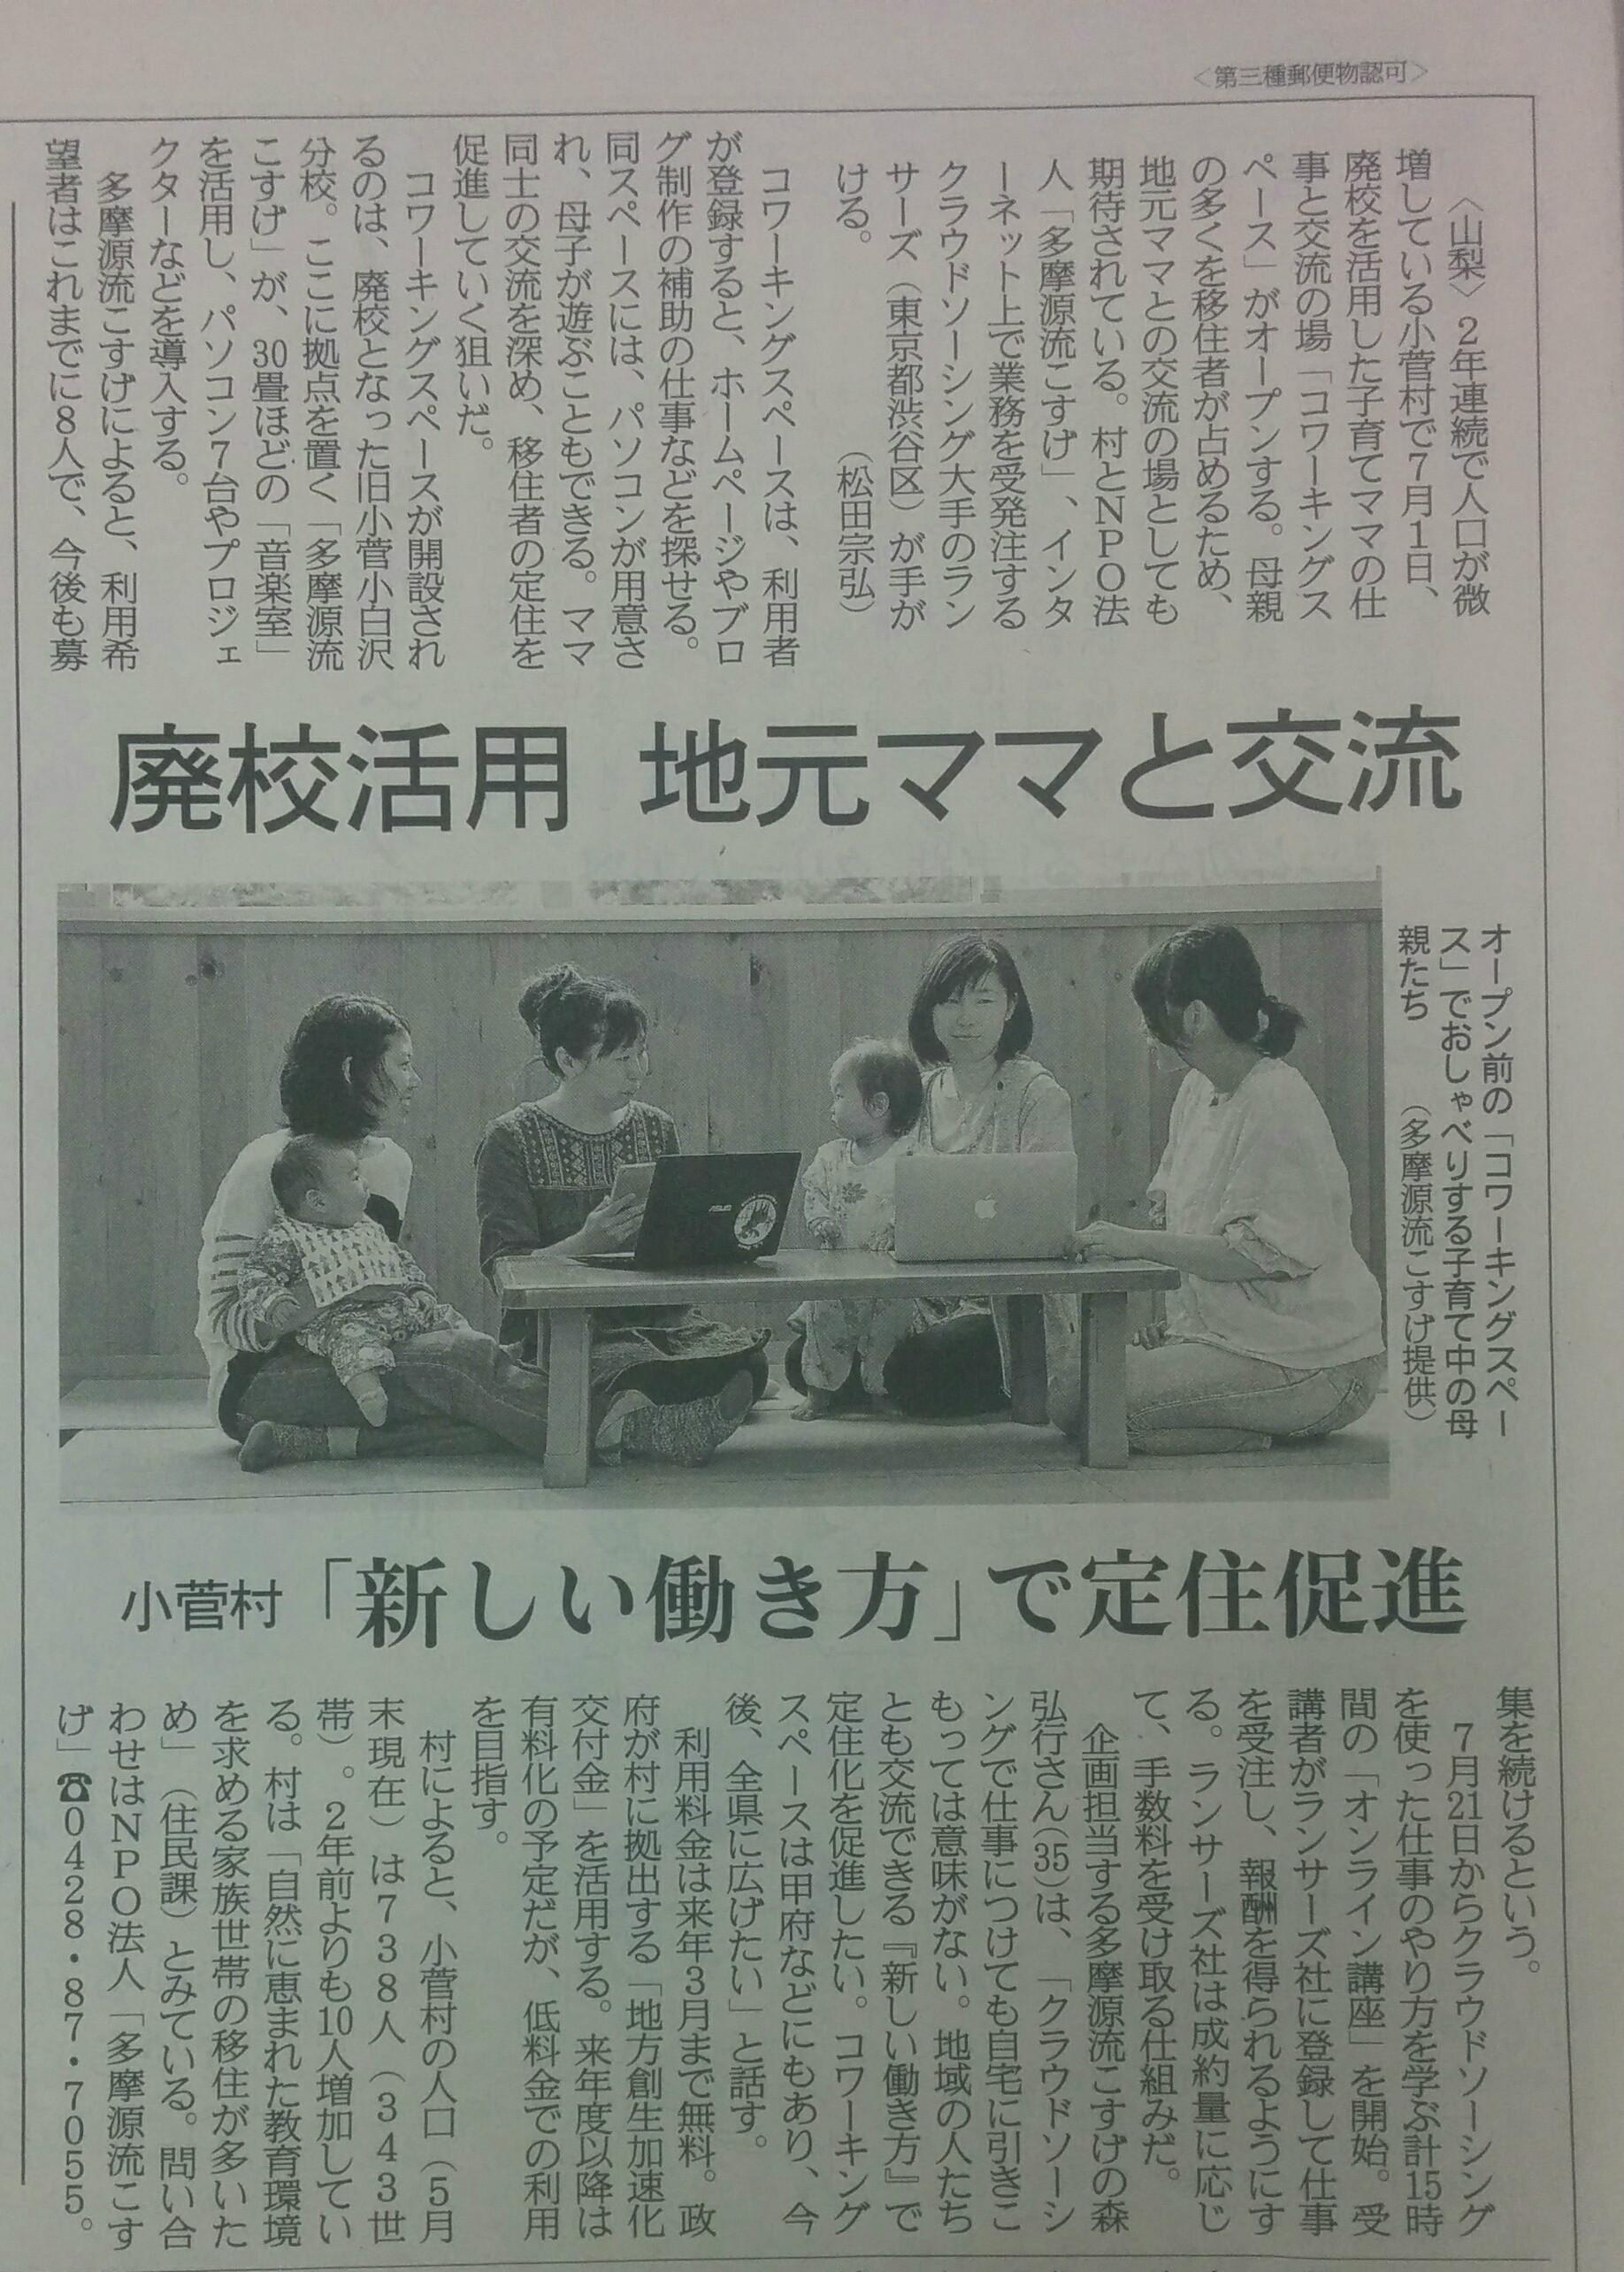 【産経新聞】「新しい働き方」で定住促進